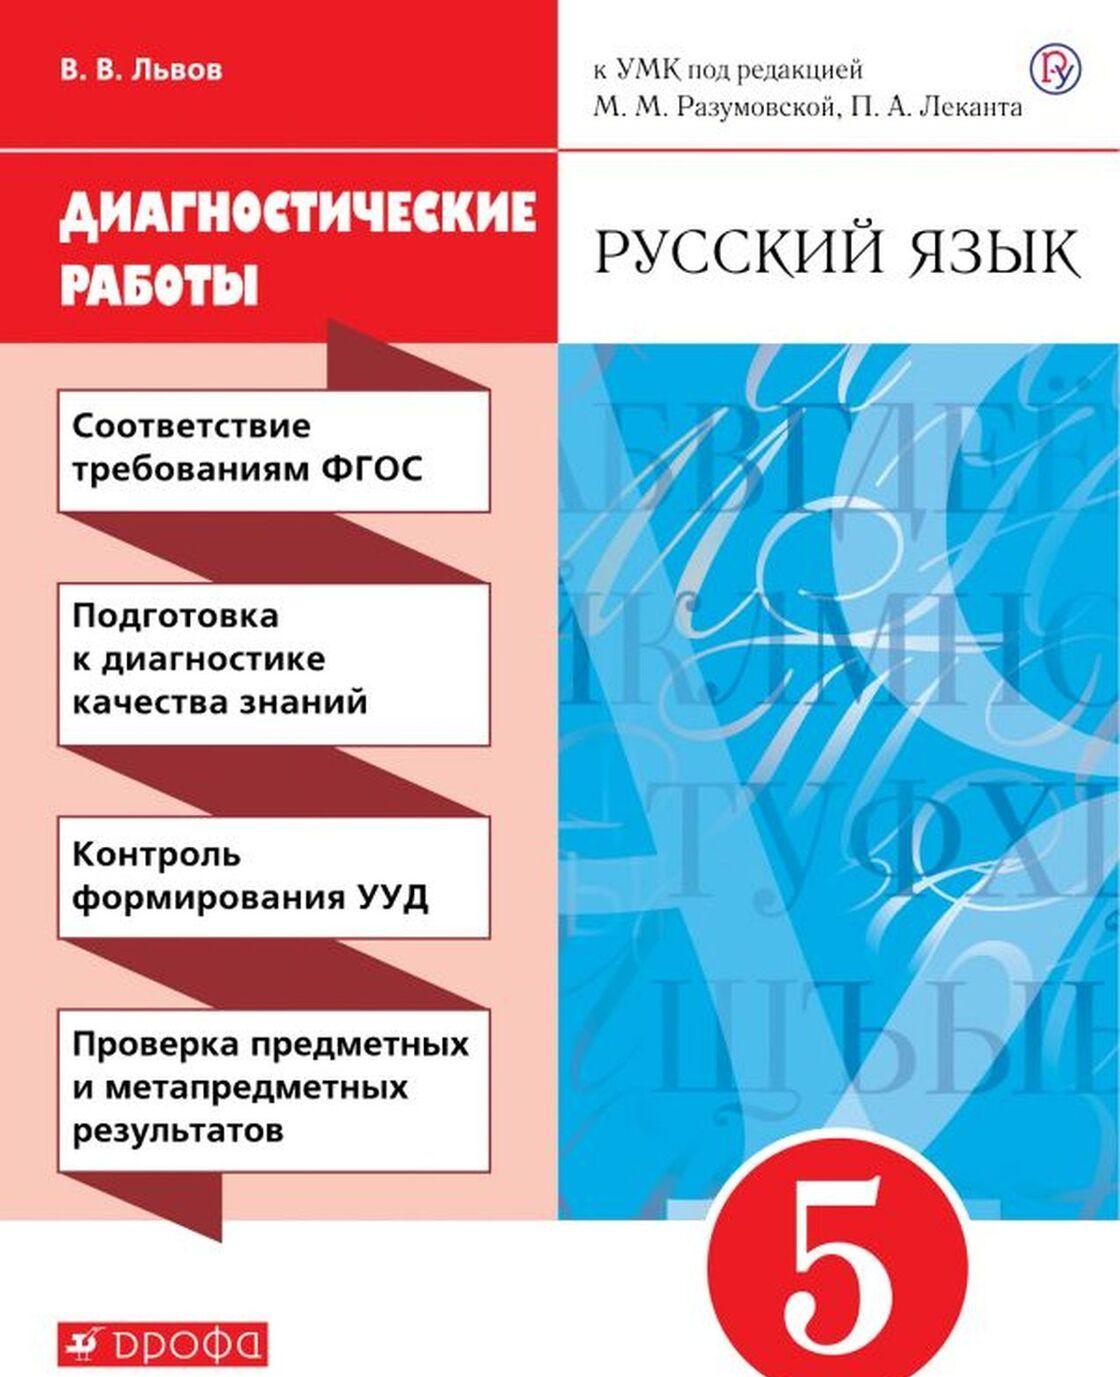 Russkij jazyk. 5 klass. Diagnosticheskie raboty. K UMK pod redaktsiej M. M. Razumovskoj, P. A. Lekanta